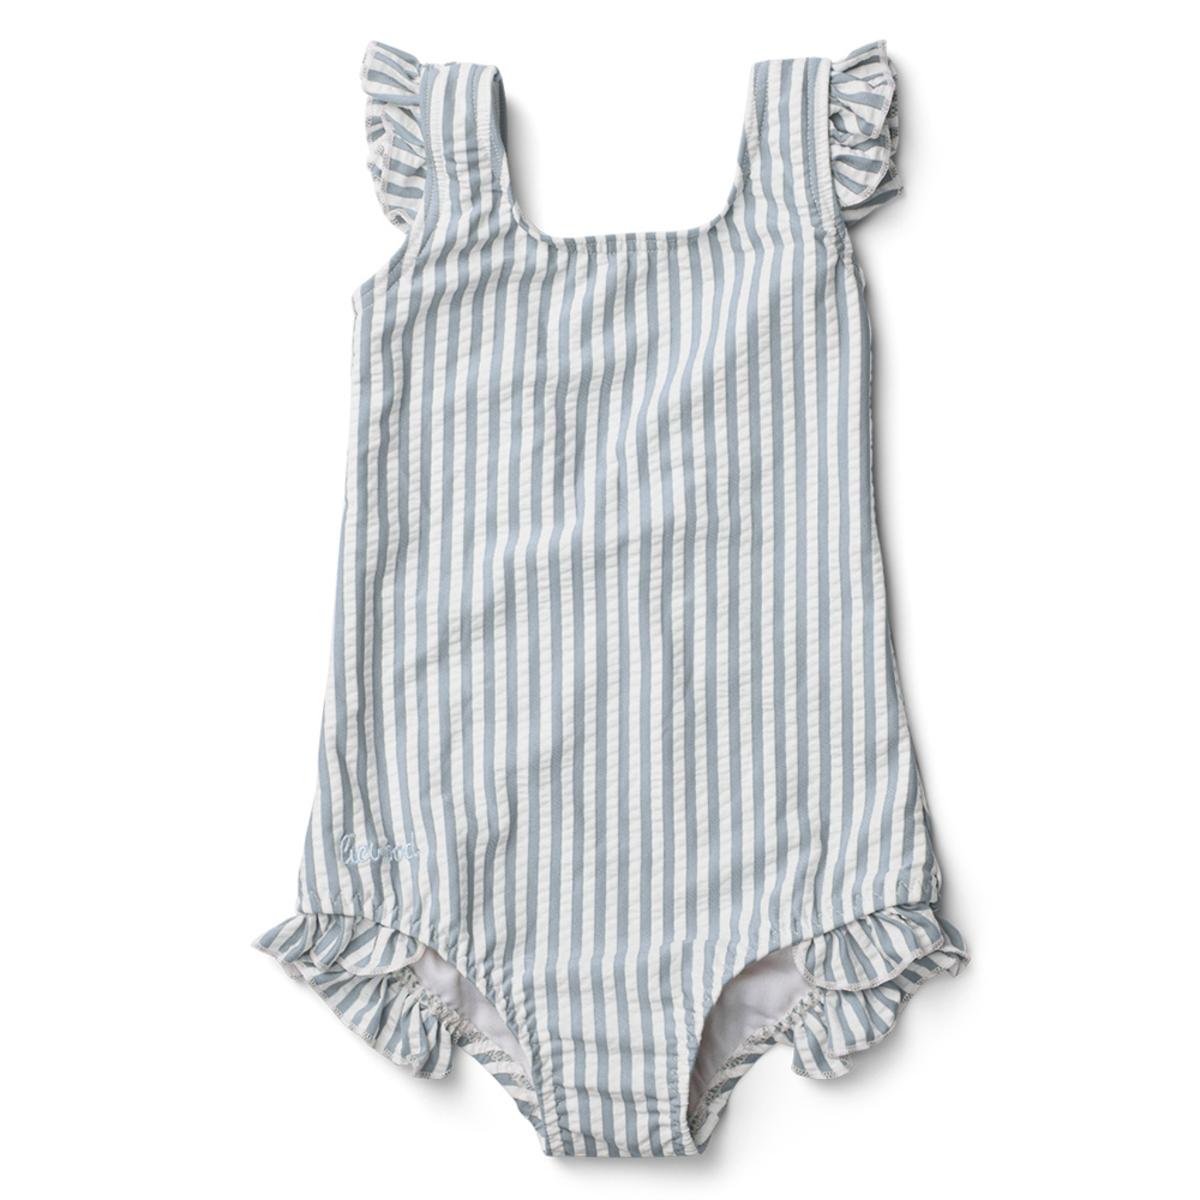 Accessoires bébé Maillot de Bain Tanna Rayé Bleu et Blanc - 3/9 Mois Maillot de Bain Tanna Rayé Bleu et Blanc - 3/9 Mois